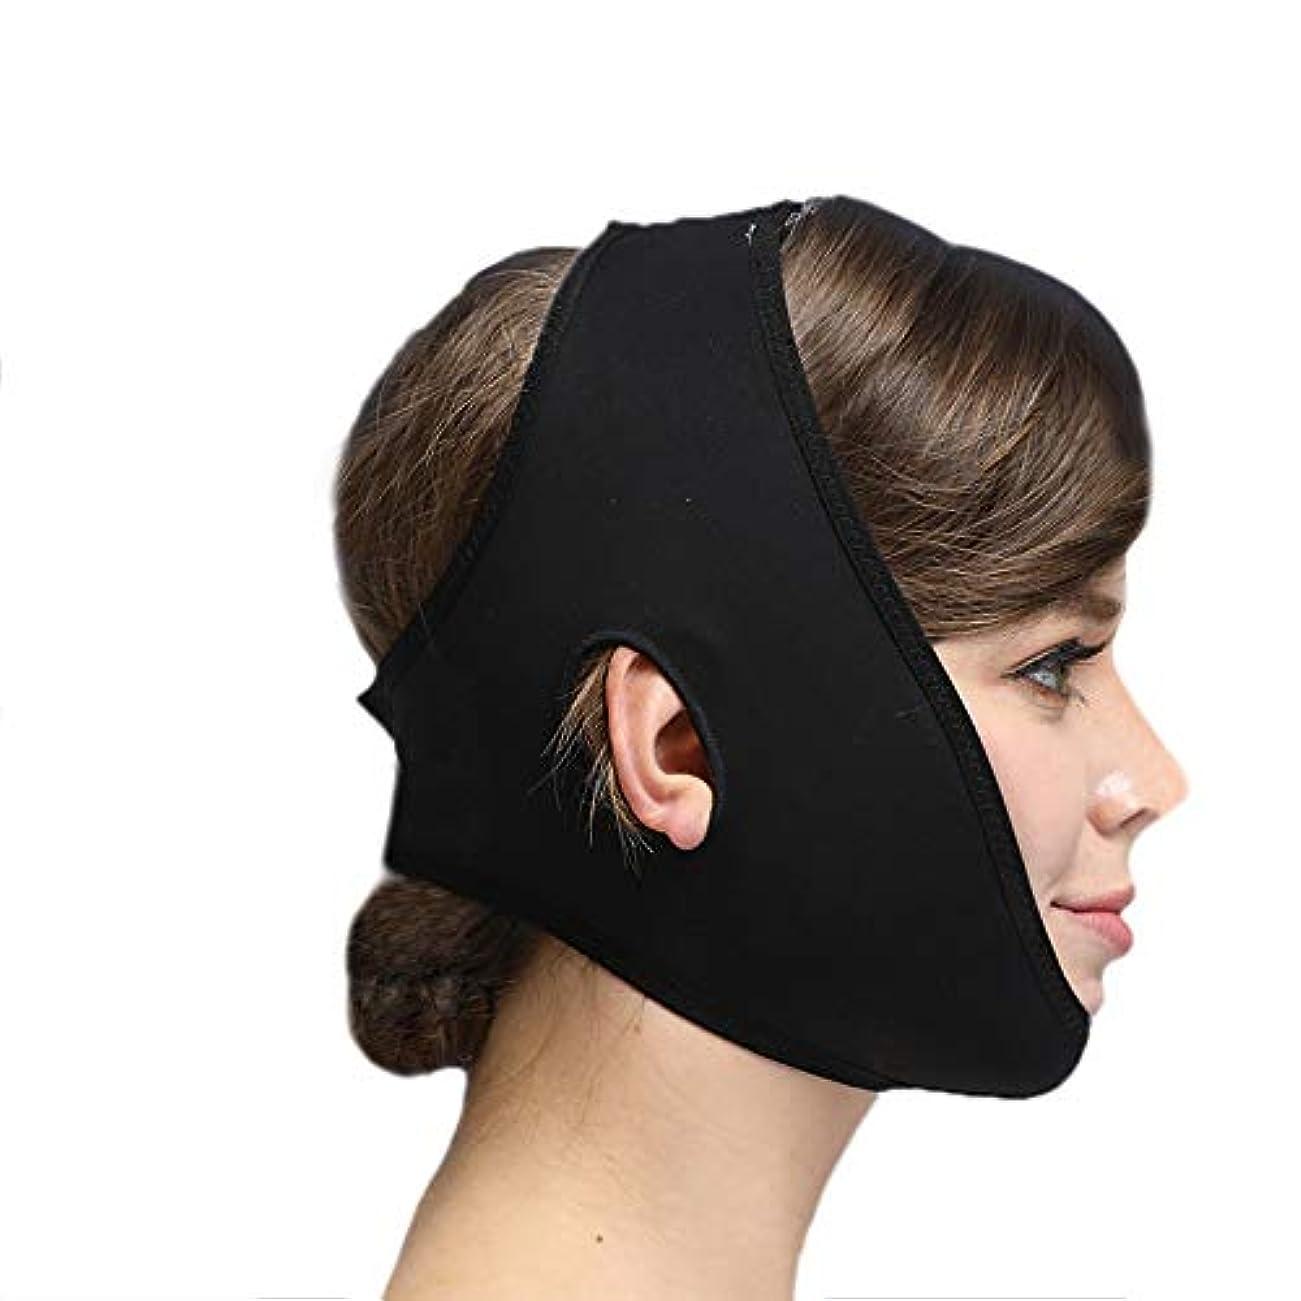 超えてライセンス後方にXHLMRMJ 顔の痩身マスク、快適で通気性のある、顔面の持ち上がることおよび輪郭を描くことで、堅さの向上、引き締まることおよび顔を持ち上げること (Color : Black2, Size : L)